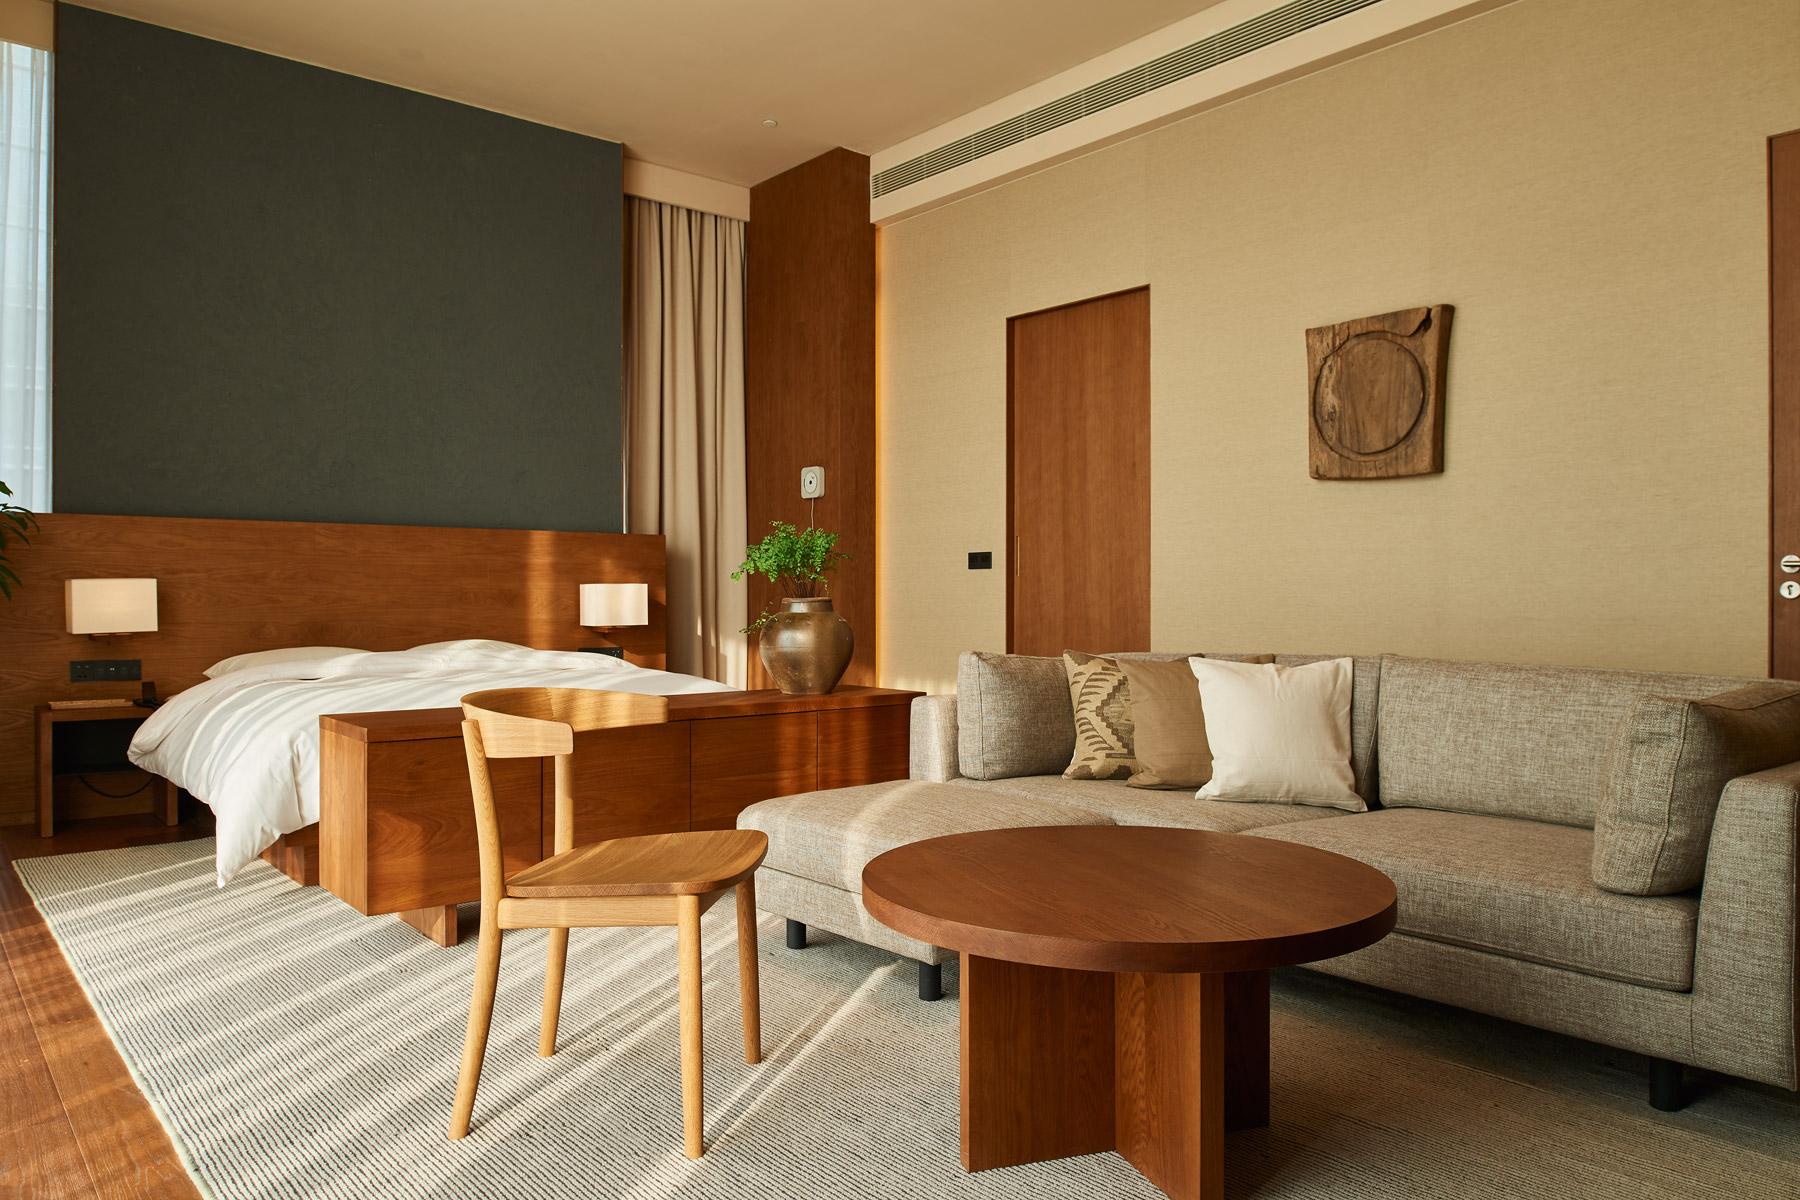 muji-hotel-shenzhen-2